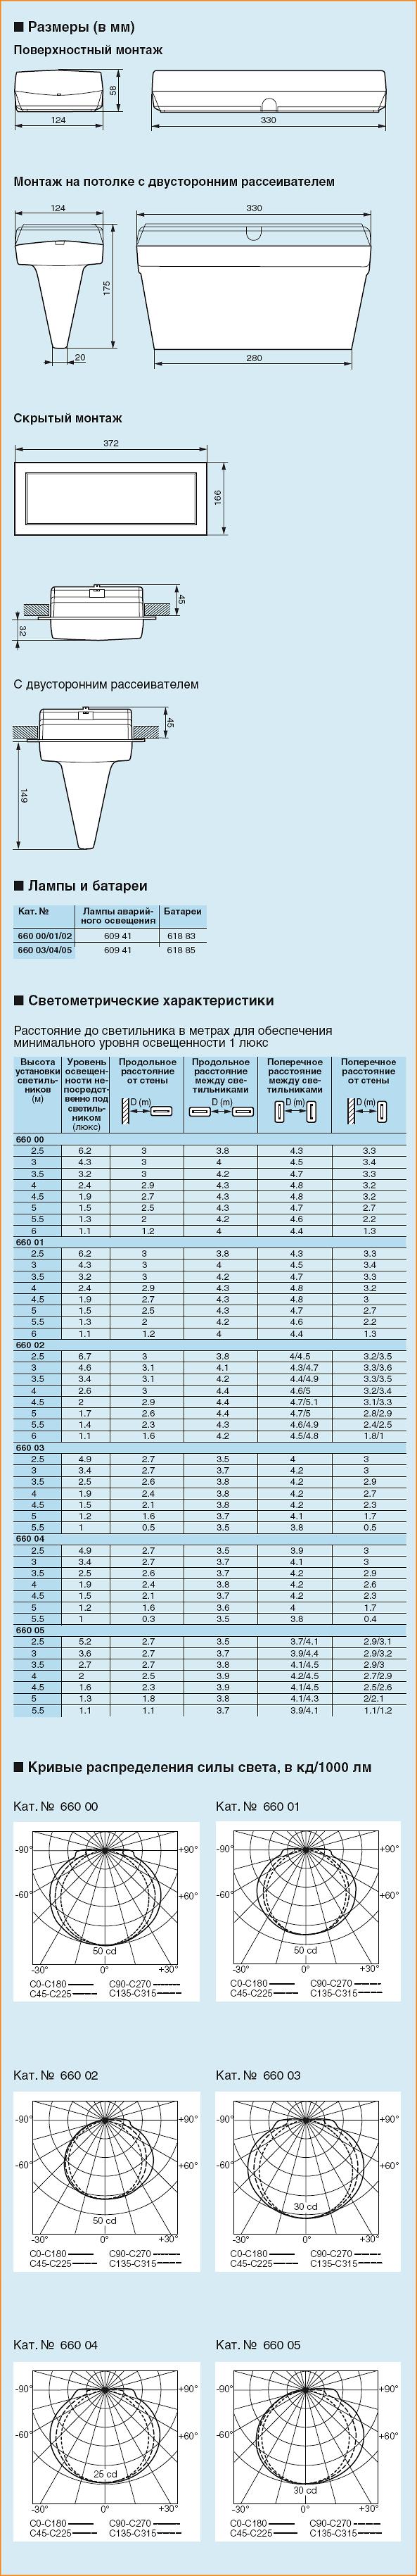 Технические данные автономных светильников аварийного освещения S8 LEGRAND